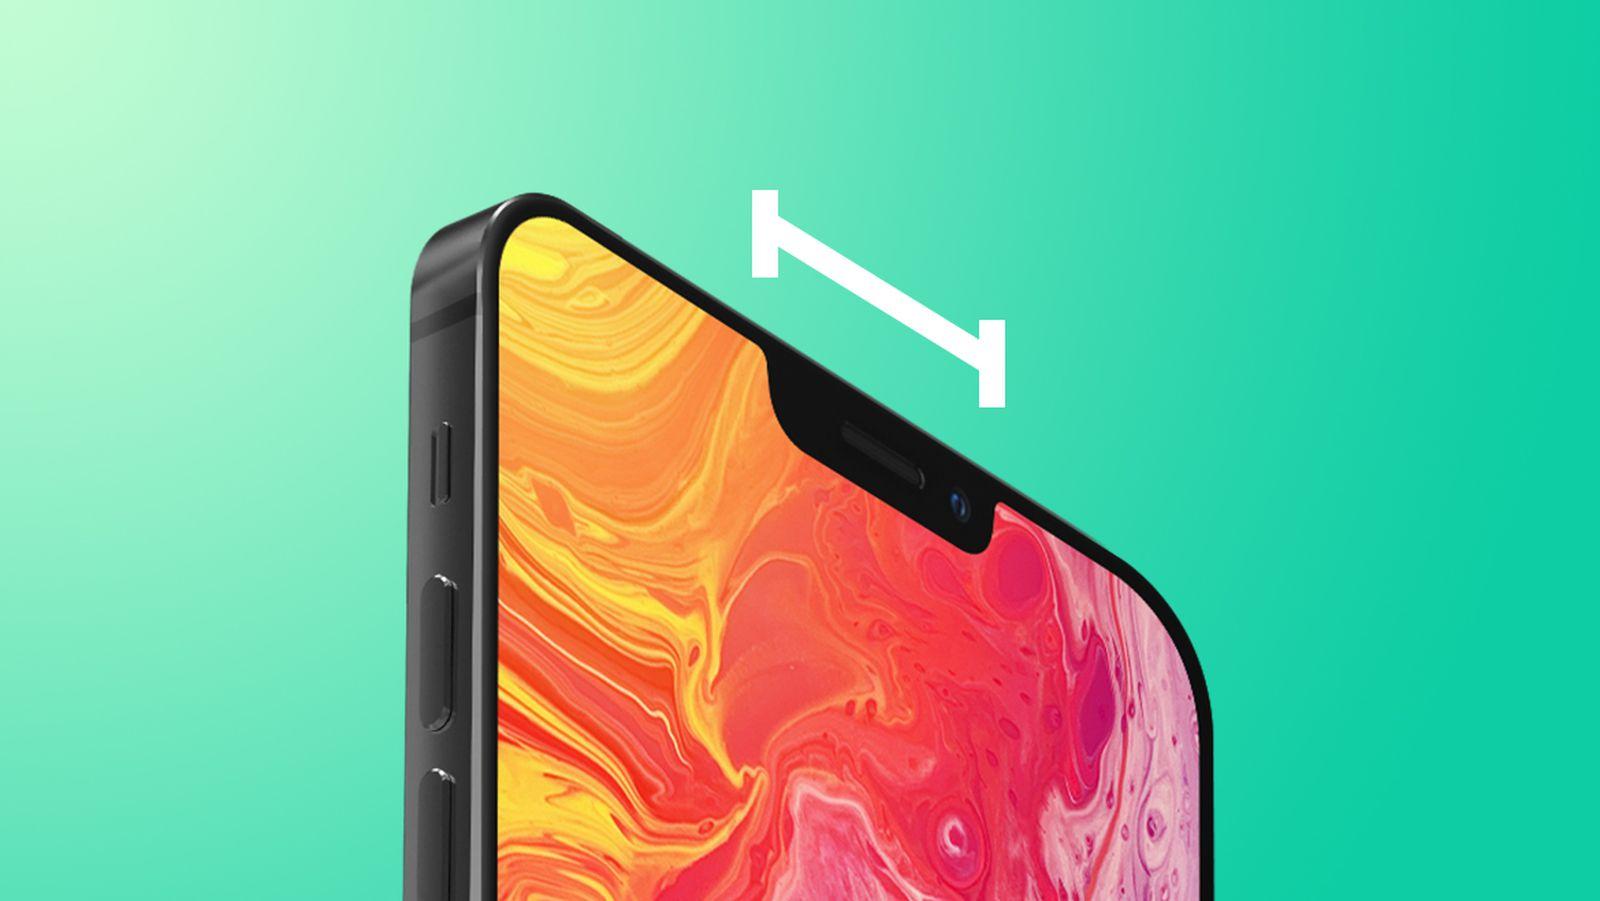 Imagens vazadas do iphone 13 mostram design com notch reduzido. Tela do novo iphone 13 pode ter um notch de tamanho reduzido, e modelo pro pode ter taxa de atualização de 120hz